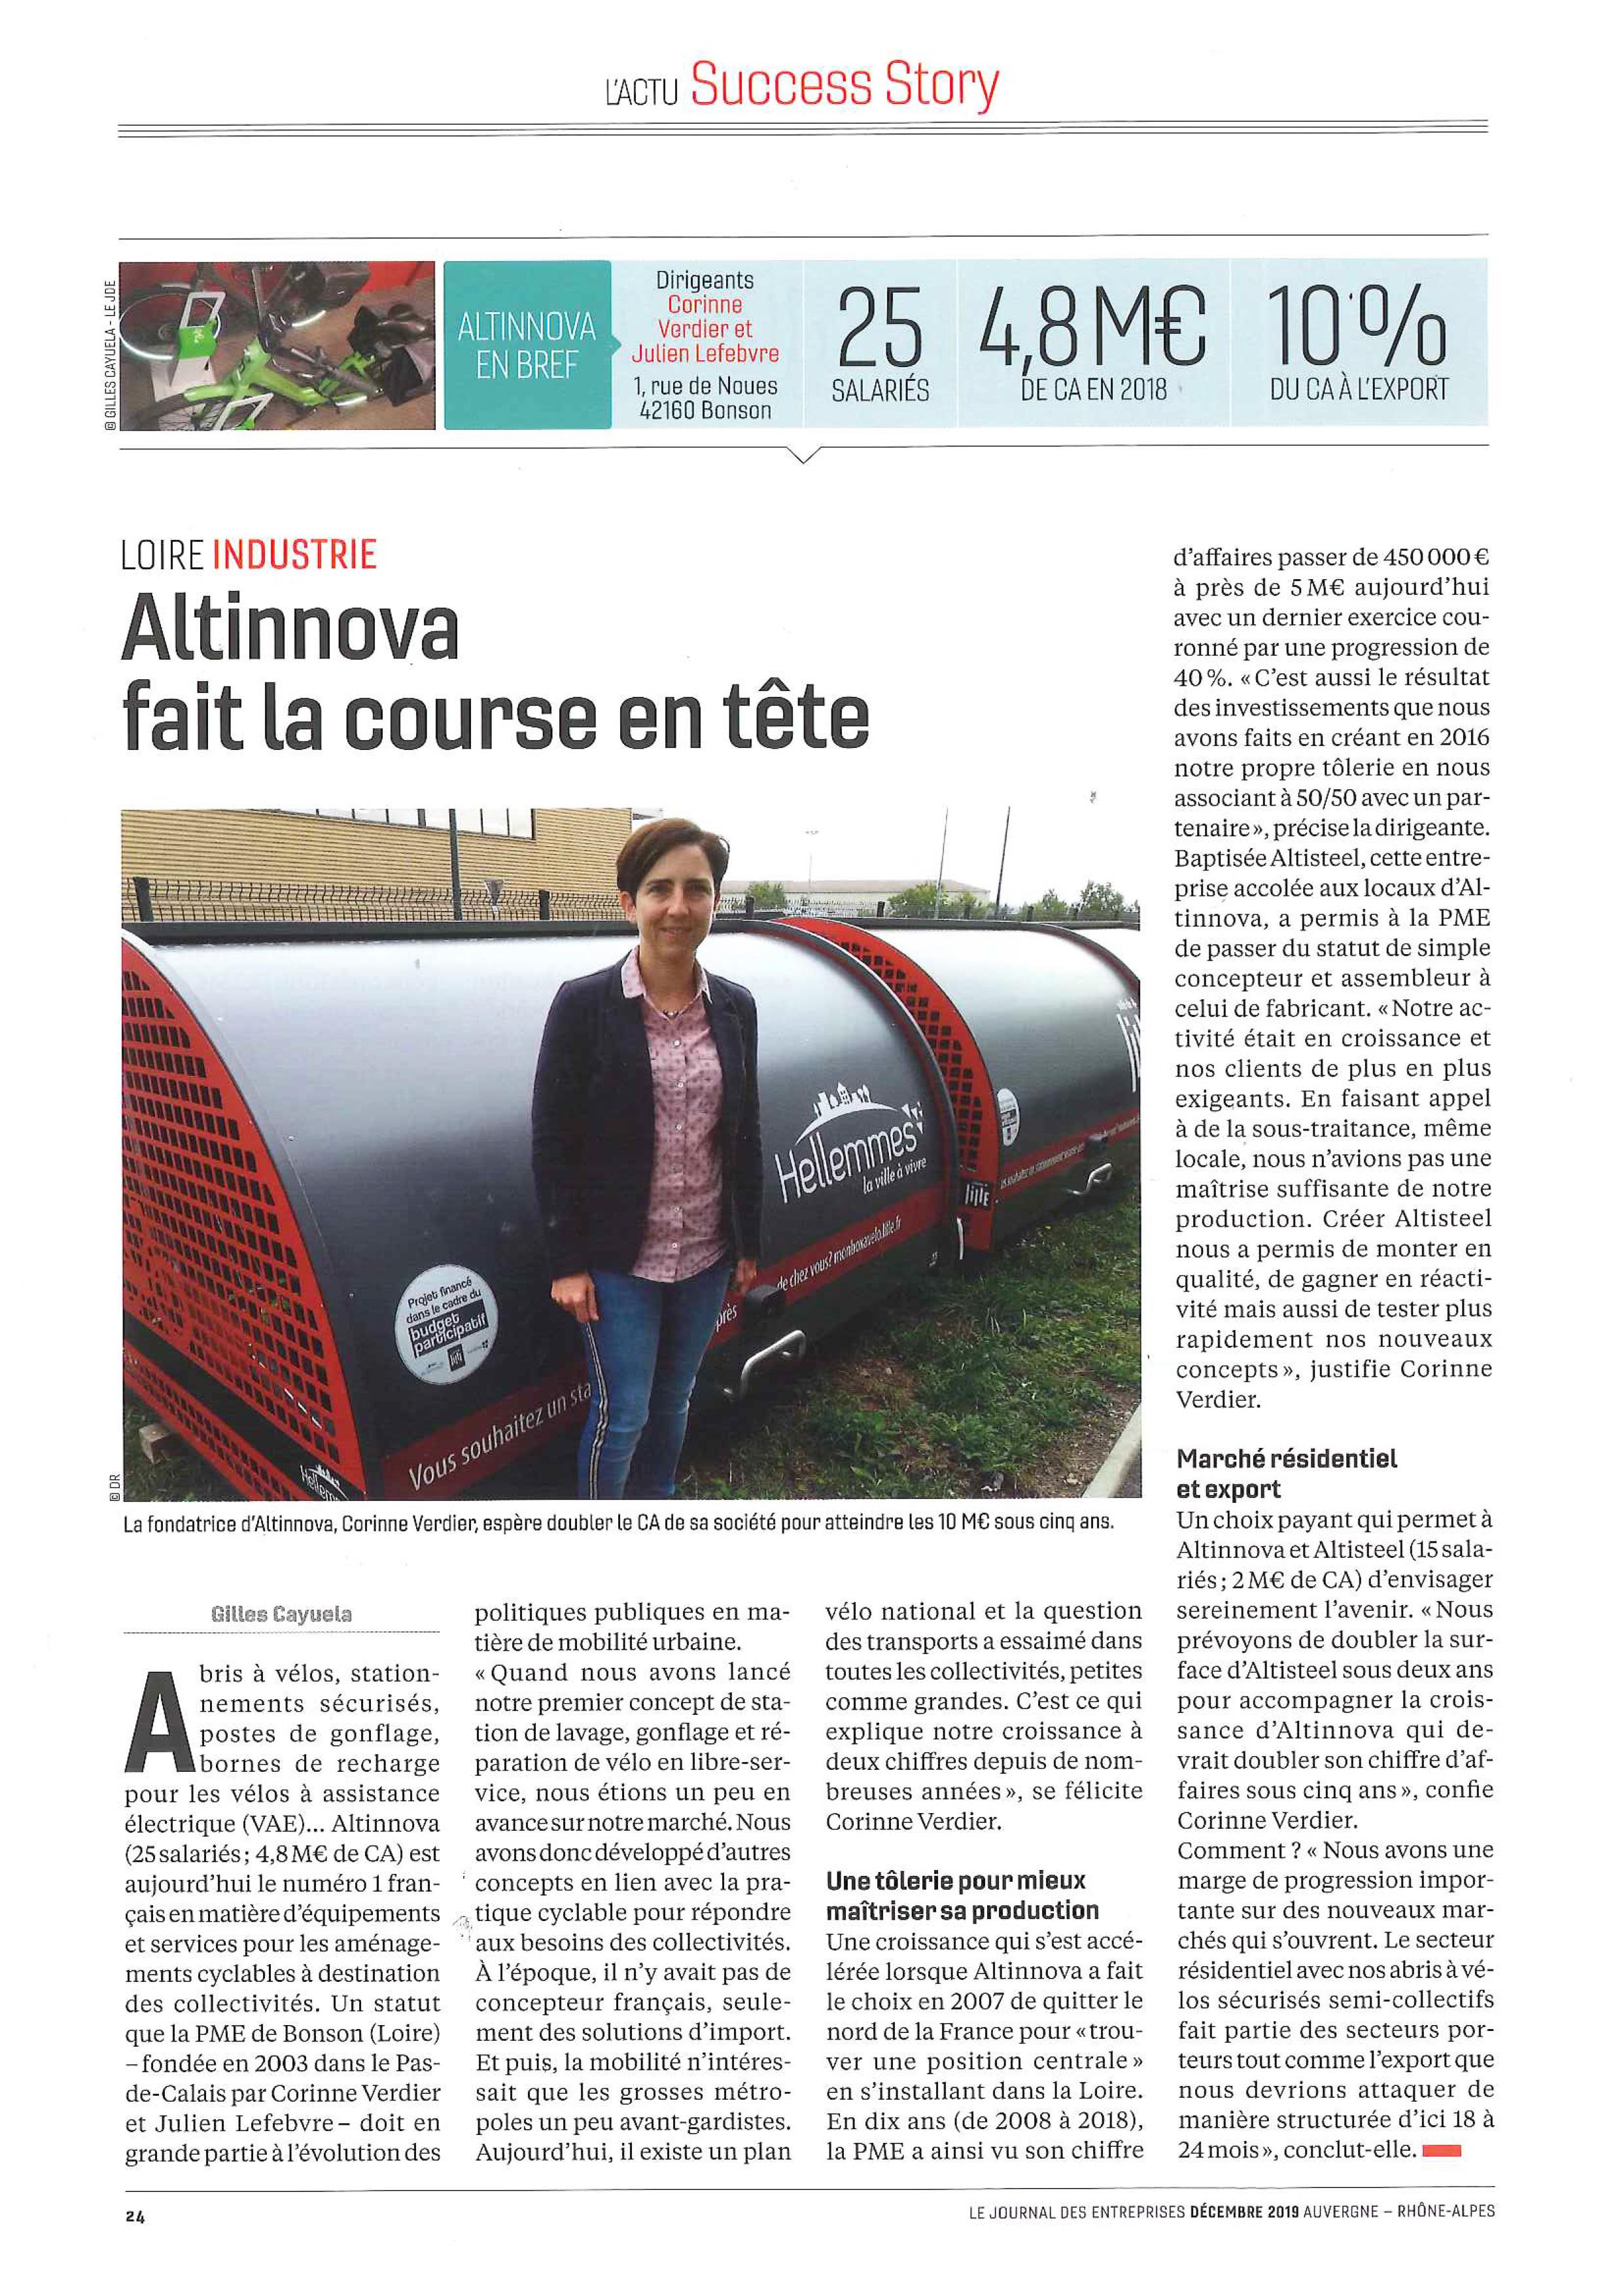 article du Journal Des Entreprises « Altinnova fait la course en tête »